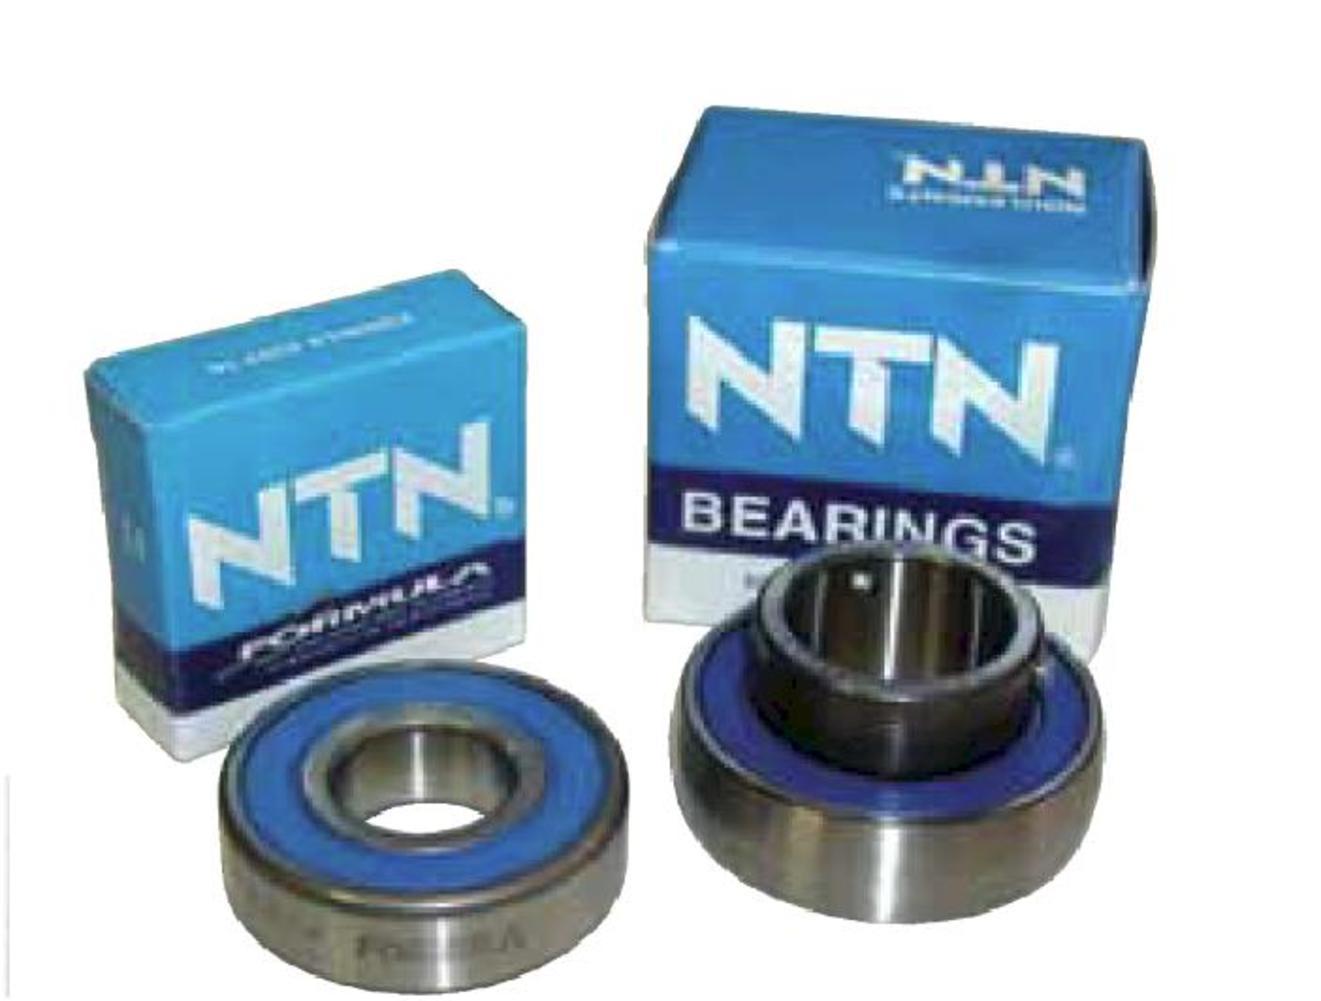 NTN SMALL SIZE BALL BRG STANDARD 6203T2LLAX30C4